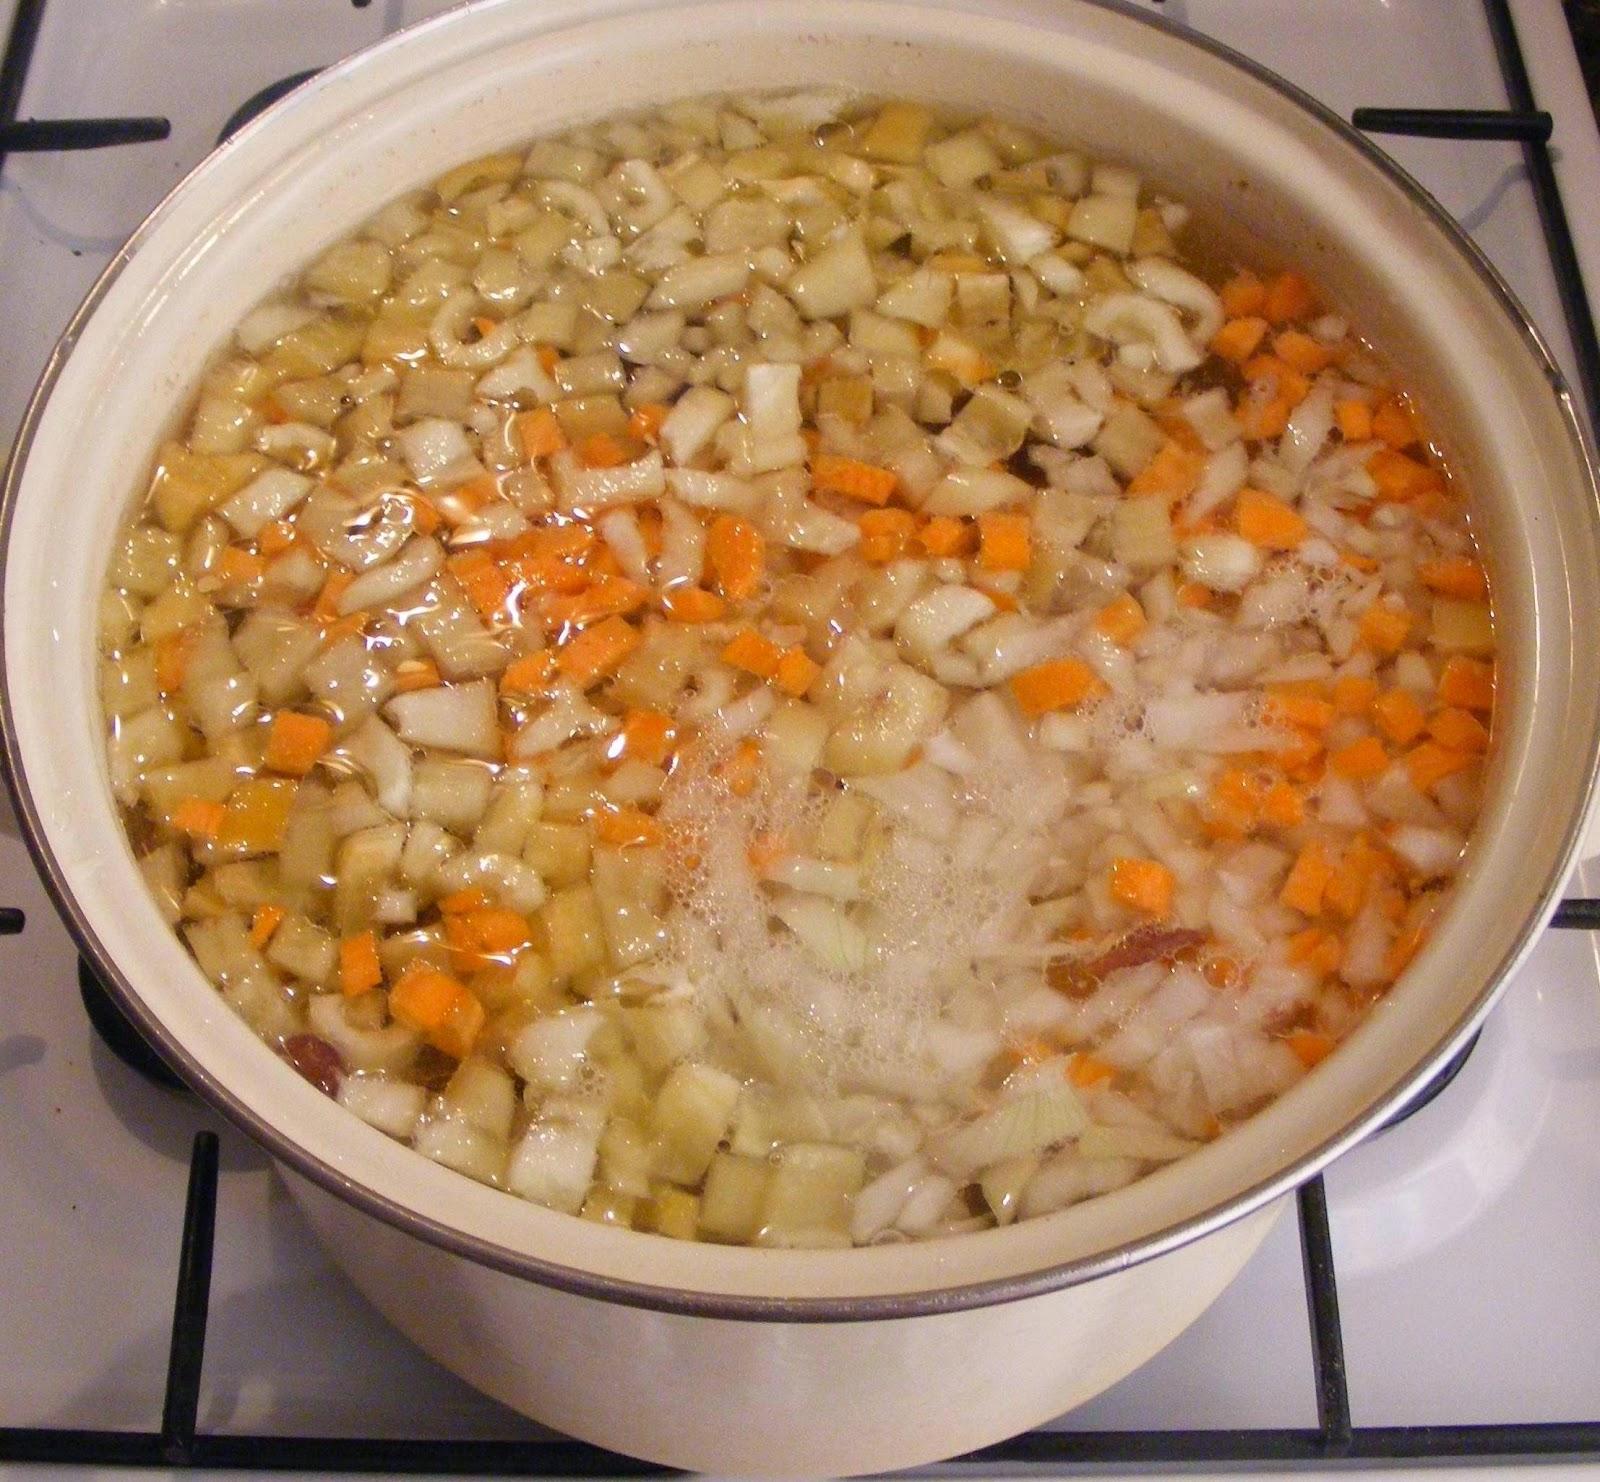 preparare ciorba de fasole pestrita, retete de mancare, preparare ciorbe, cum se prepara ciorba de fasole pestrita, cum facem ciorba de fasole, retete de post, retete culinare, reteta ciorba, retete de ciorba,